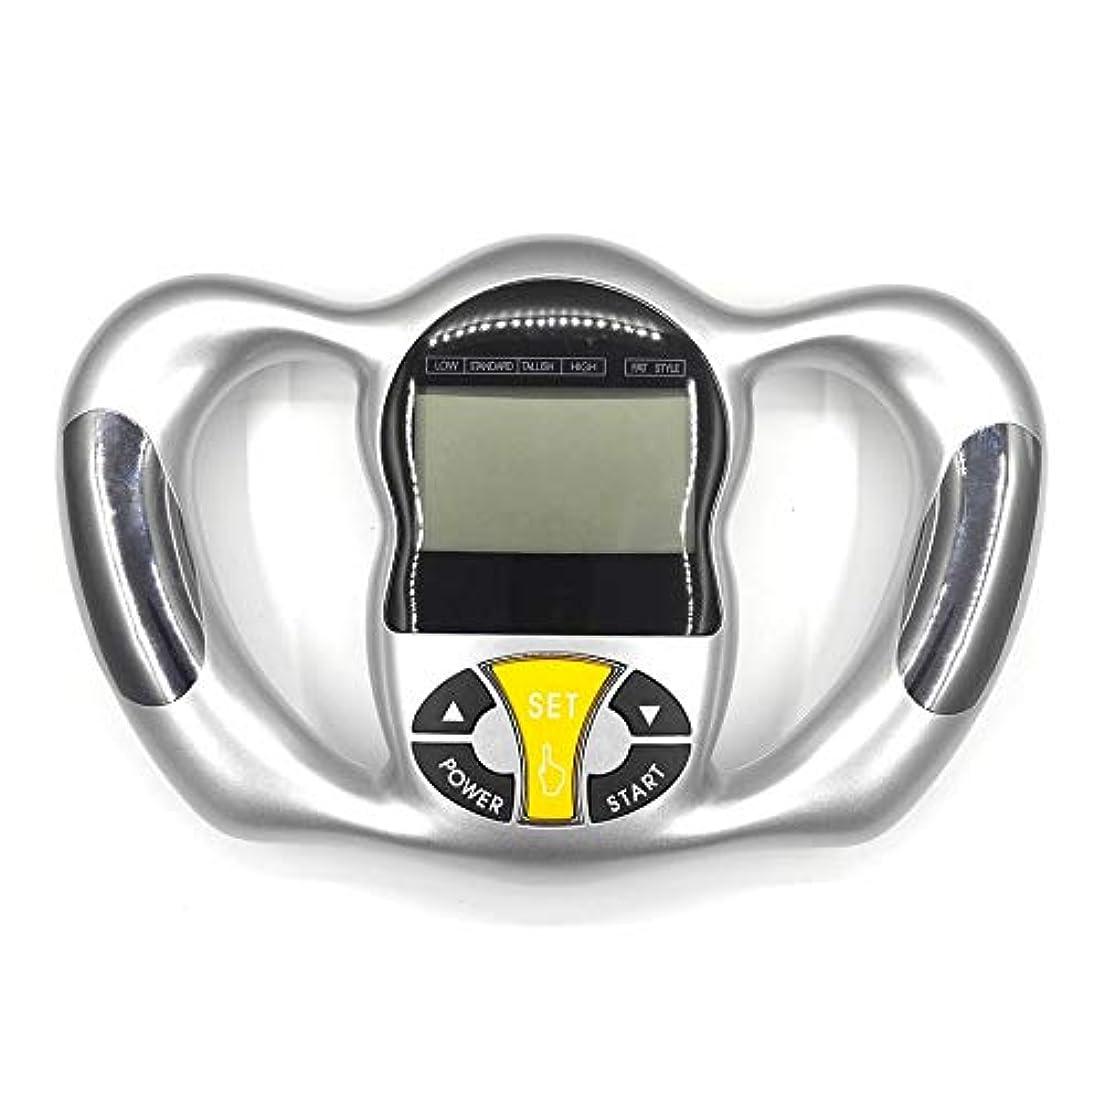 ロッジノートすきAAcreatspace体脂肪測定器体脂肪測定器/Bmi脂肪分析ハンドヘルドの正確な脂肪測定器